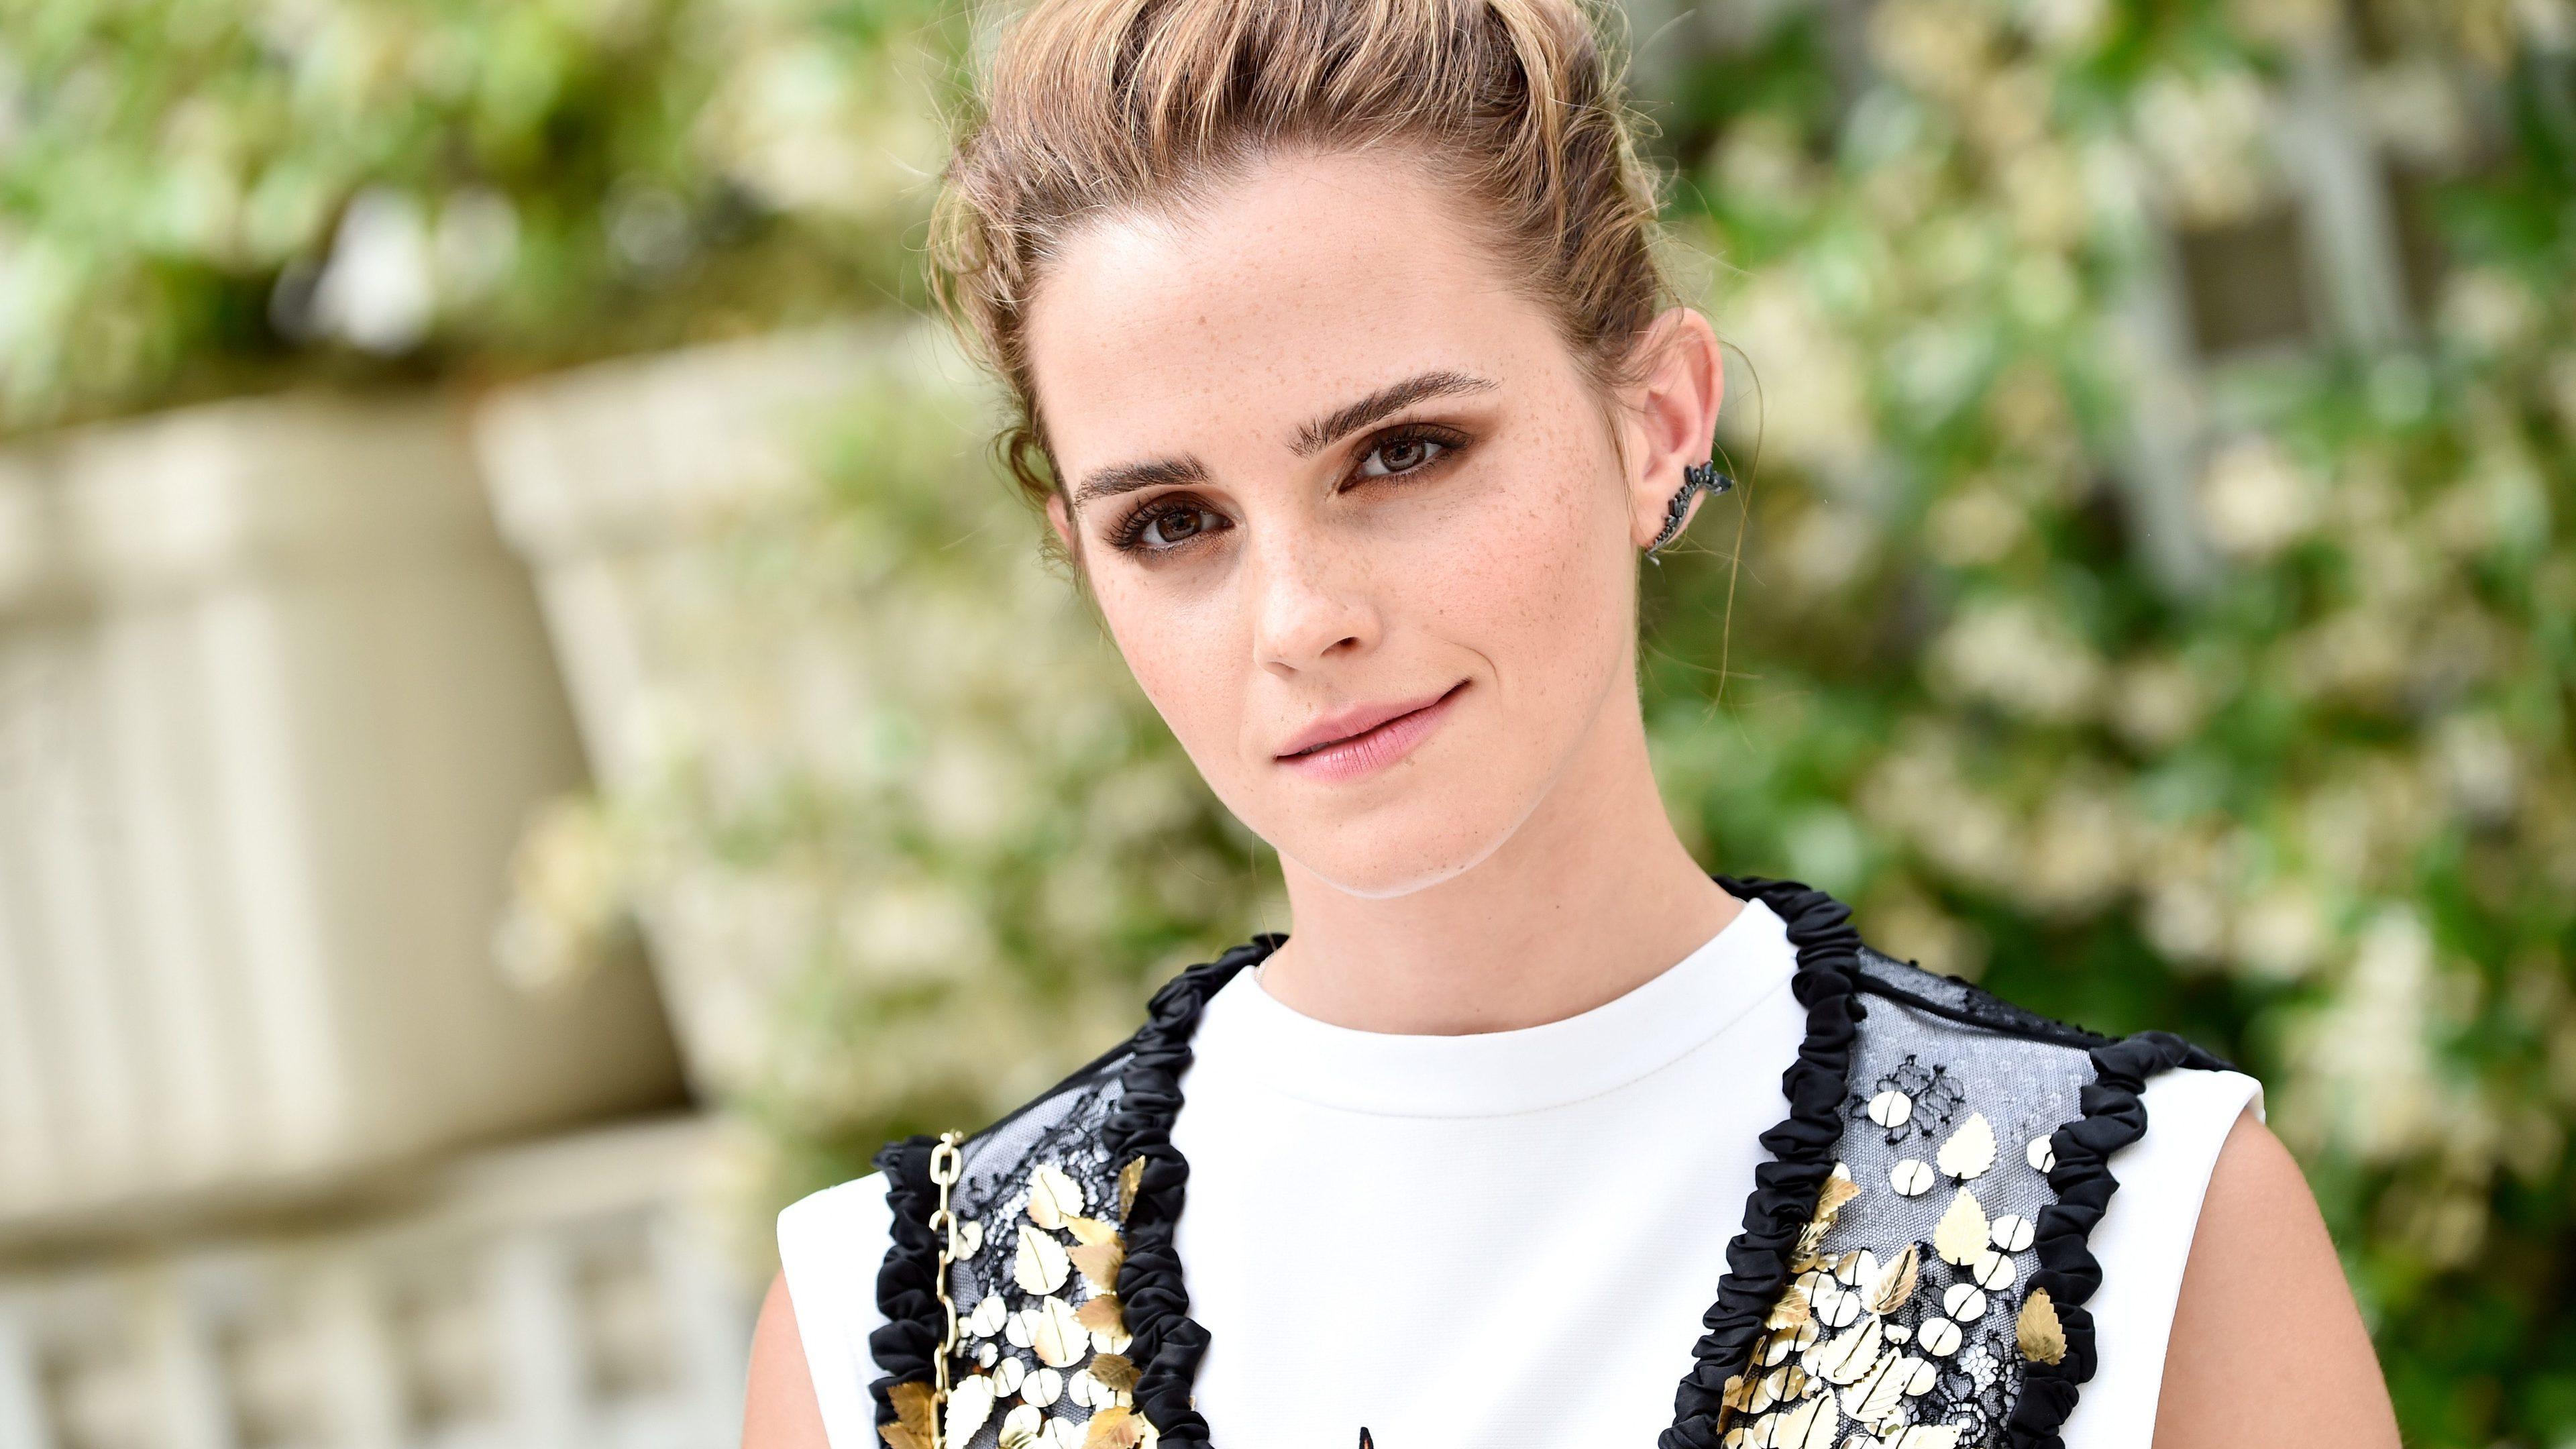 2018 emma watson 4k 1536860741 - 2018 Emma Watson 4k - hd-wallpapers, girls wallpapers, emma watson wallpapers, celebrities wallpapers, 4k-wallpapers